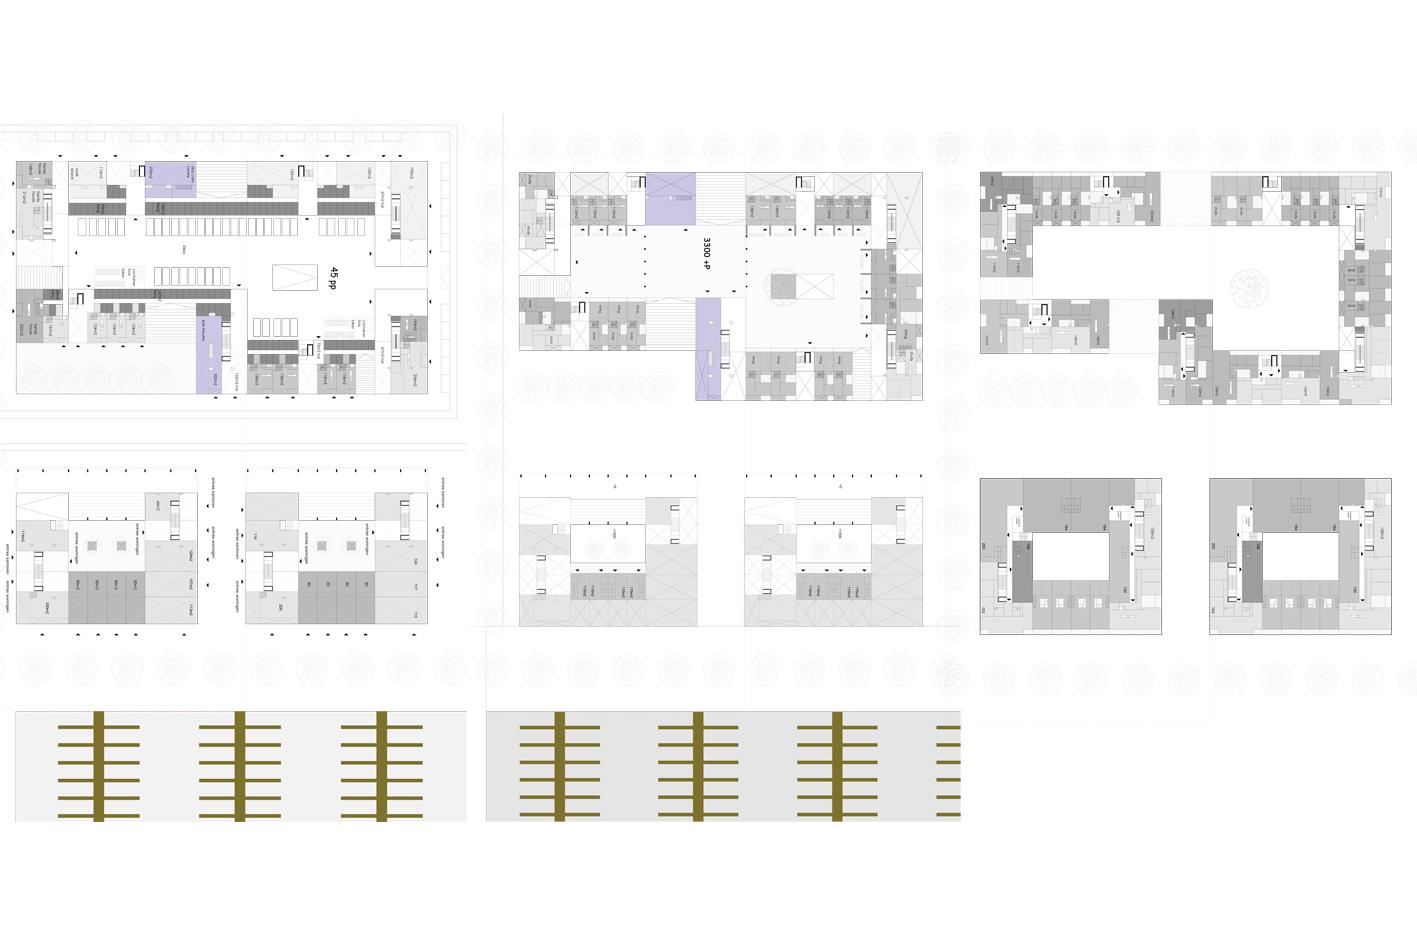 woonwerk casco lofts plattegronden BSH Buiksloterham atelier PUUUR Amsterdam Noord stedenbouwkundig plan